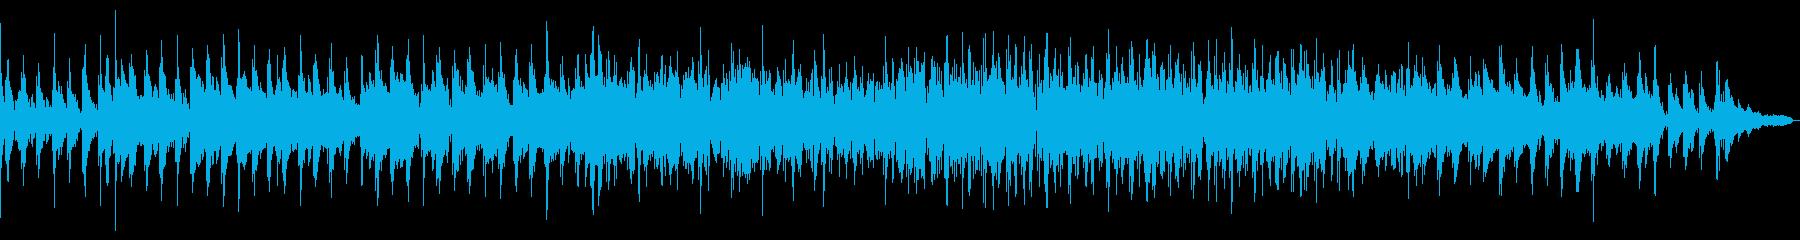 セクシーなボサノバ ブラジリアンポップスの再生済みの波形